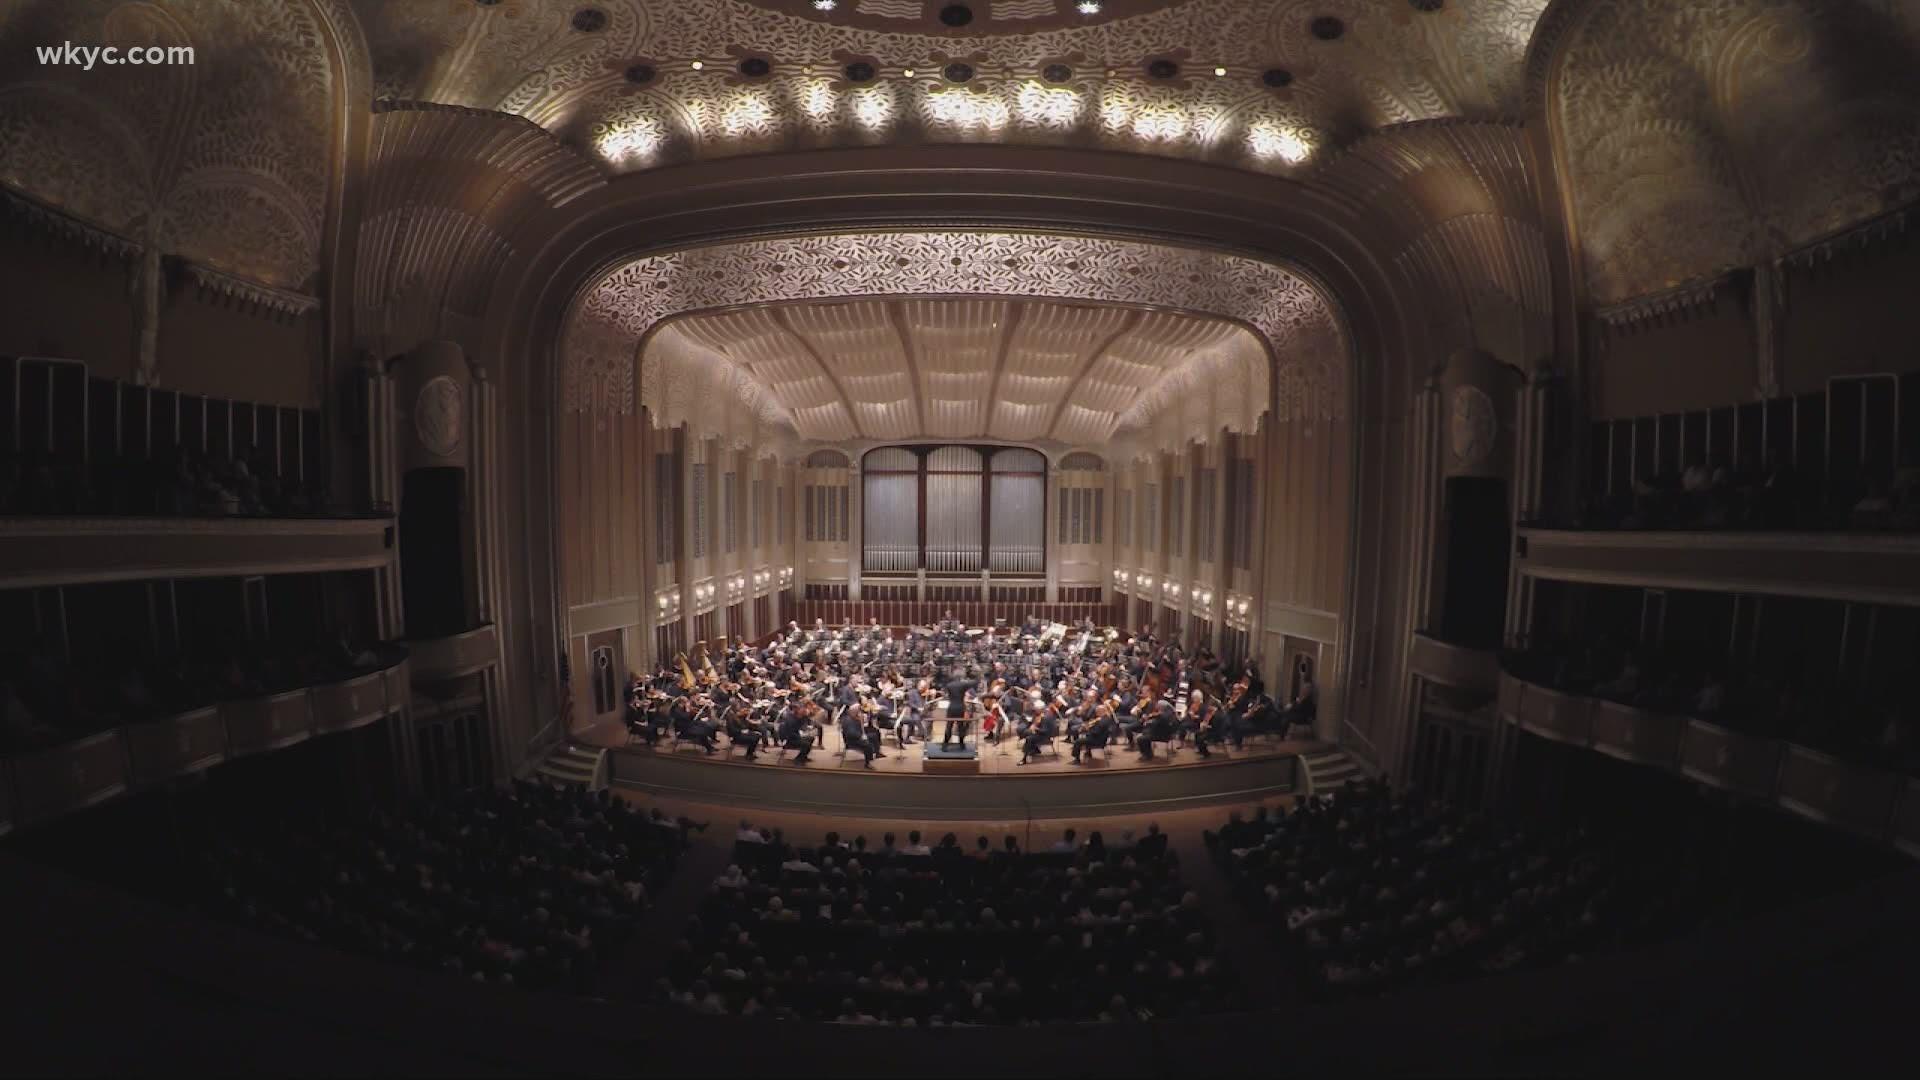 Cleveland Orchestra Christmas Concert 2021 Cleveland Orchestra Cancel Christmas Concerts As Covid 19 Cases Surge Wkyc Com